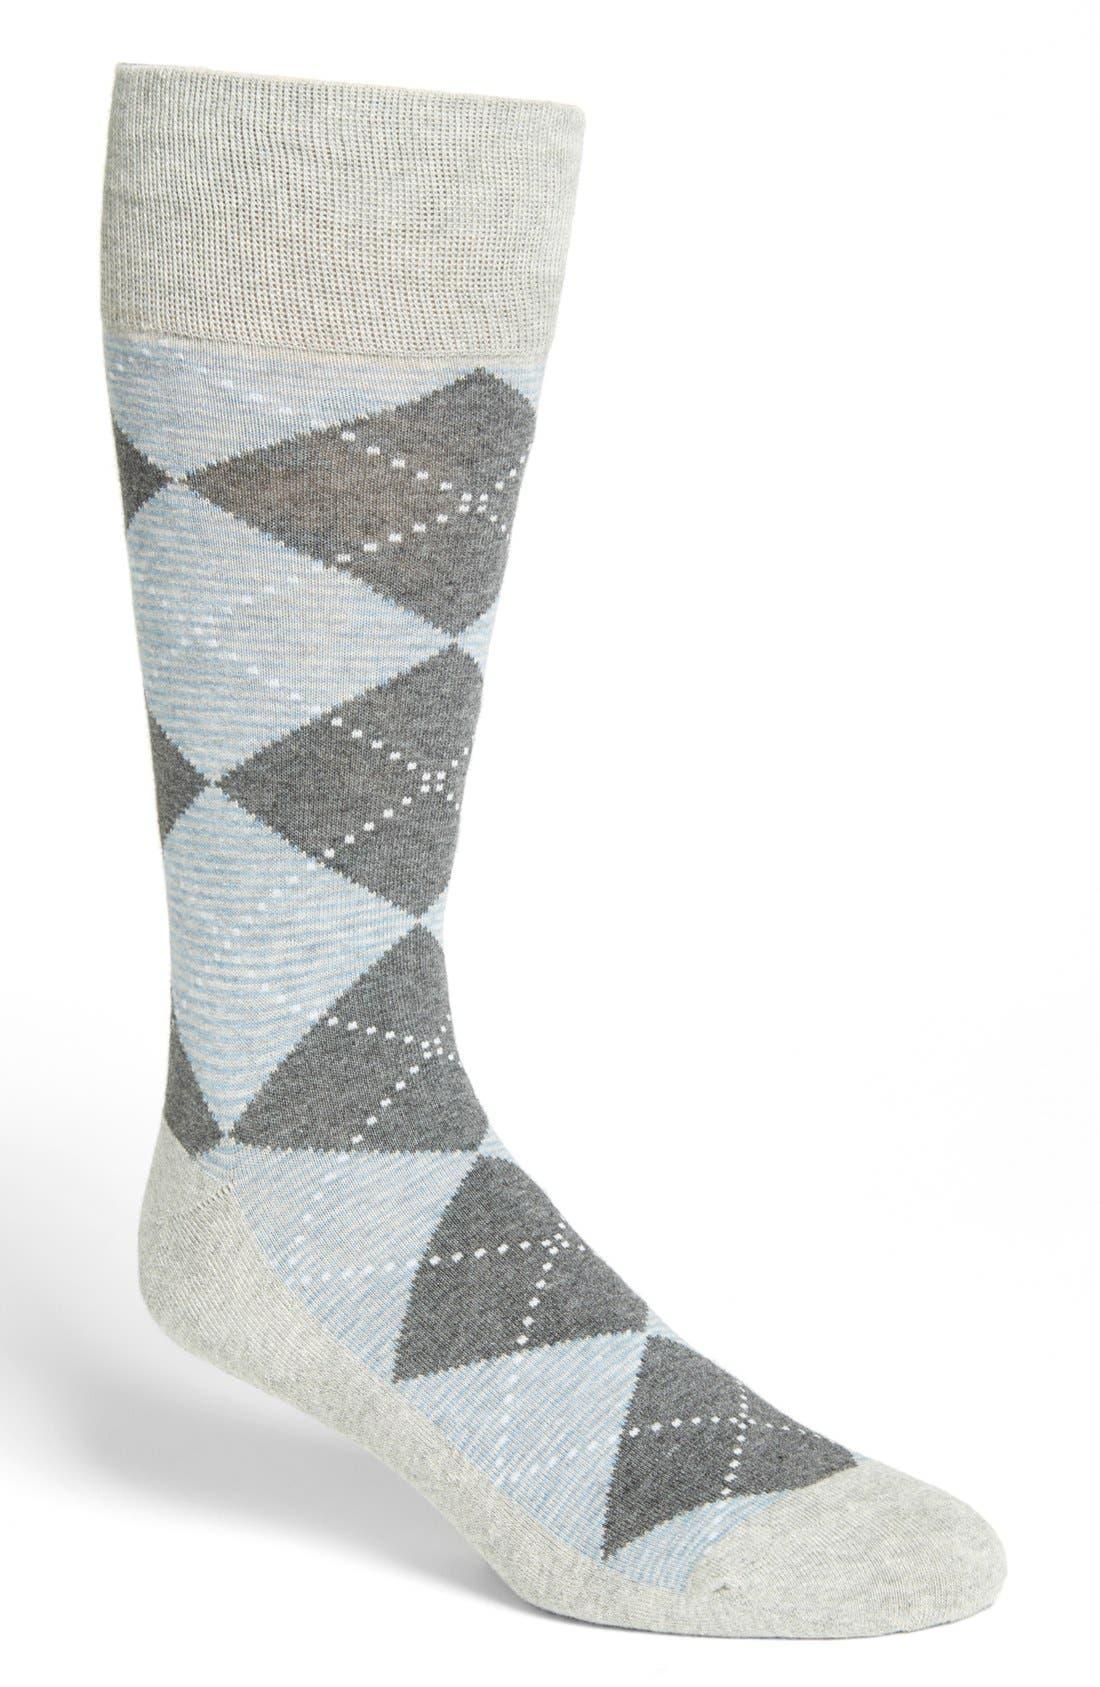 Main Image - Nordstrom Cushion Foot Argyle Socks (Men) (3 for $30)